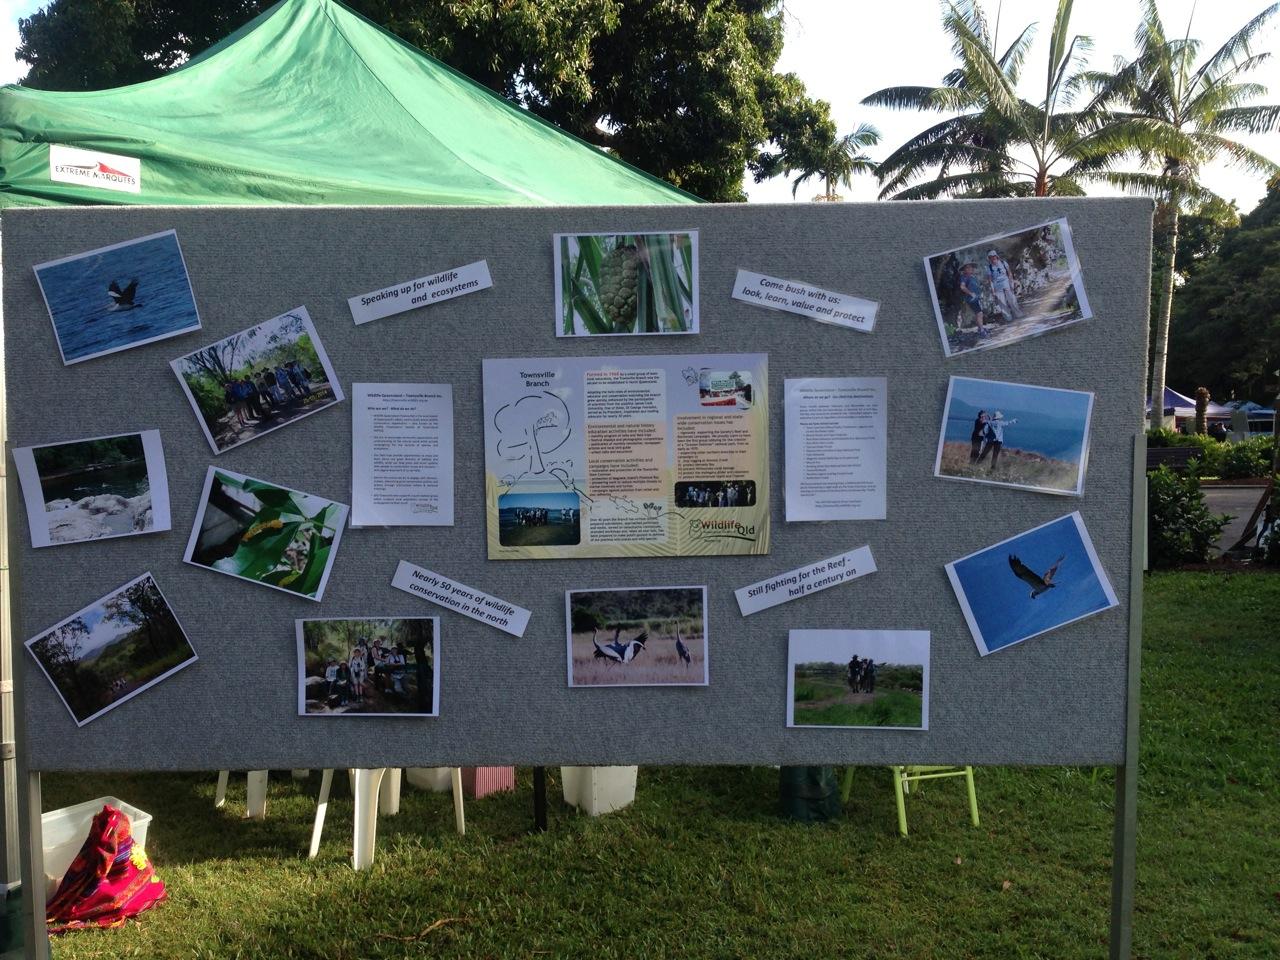 Branch activities display